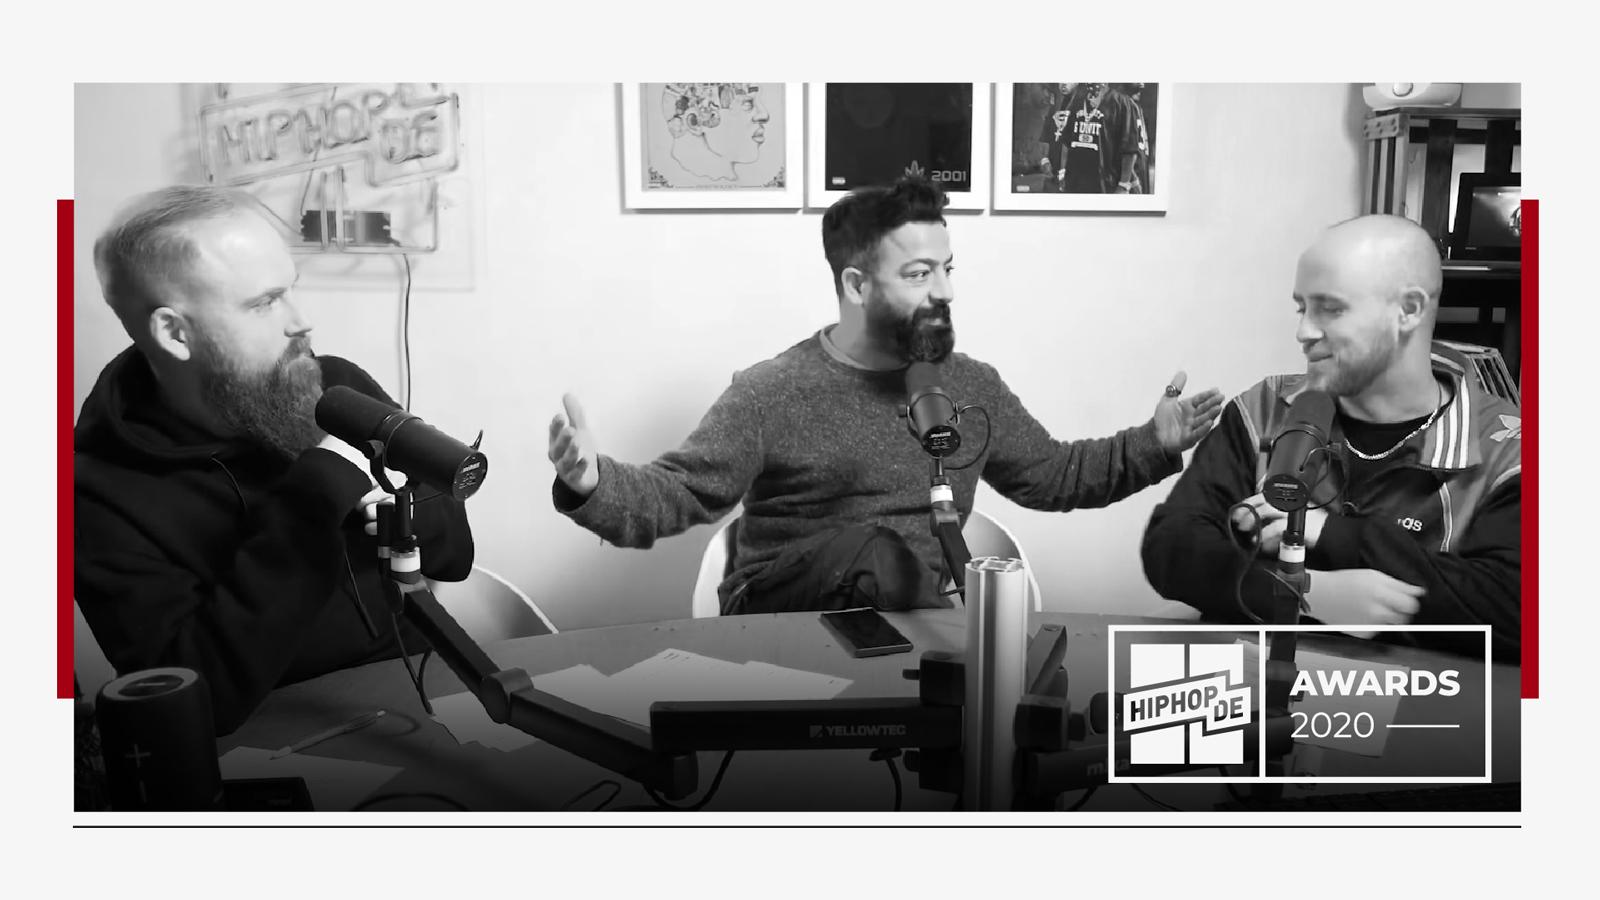 """""""Essen ist wie Atlanta!"""": Rooz über die Connection der beiden Städte – Hiphop.de Awards 2020"""